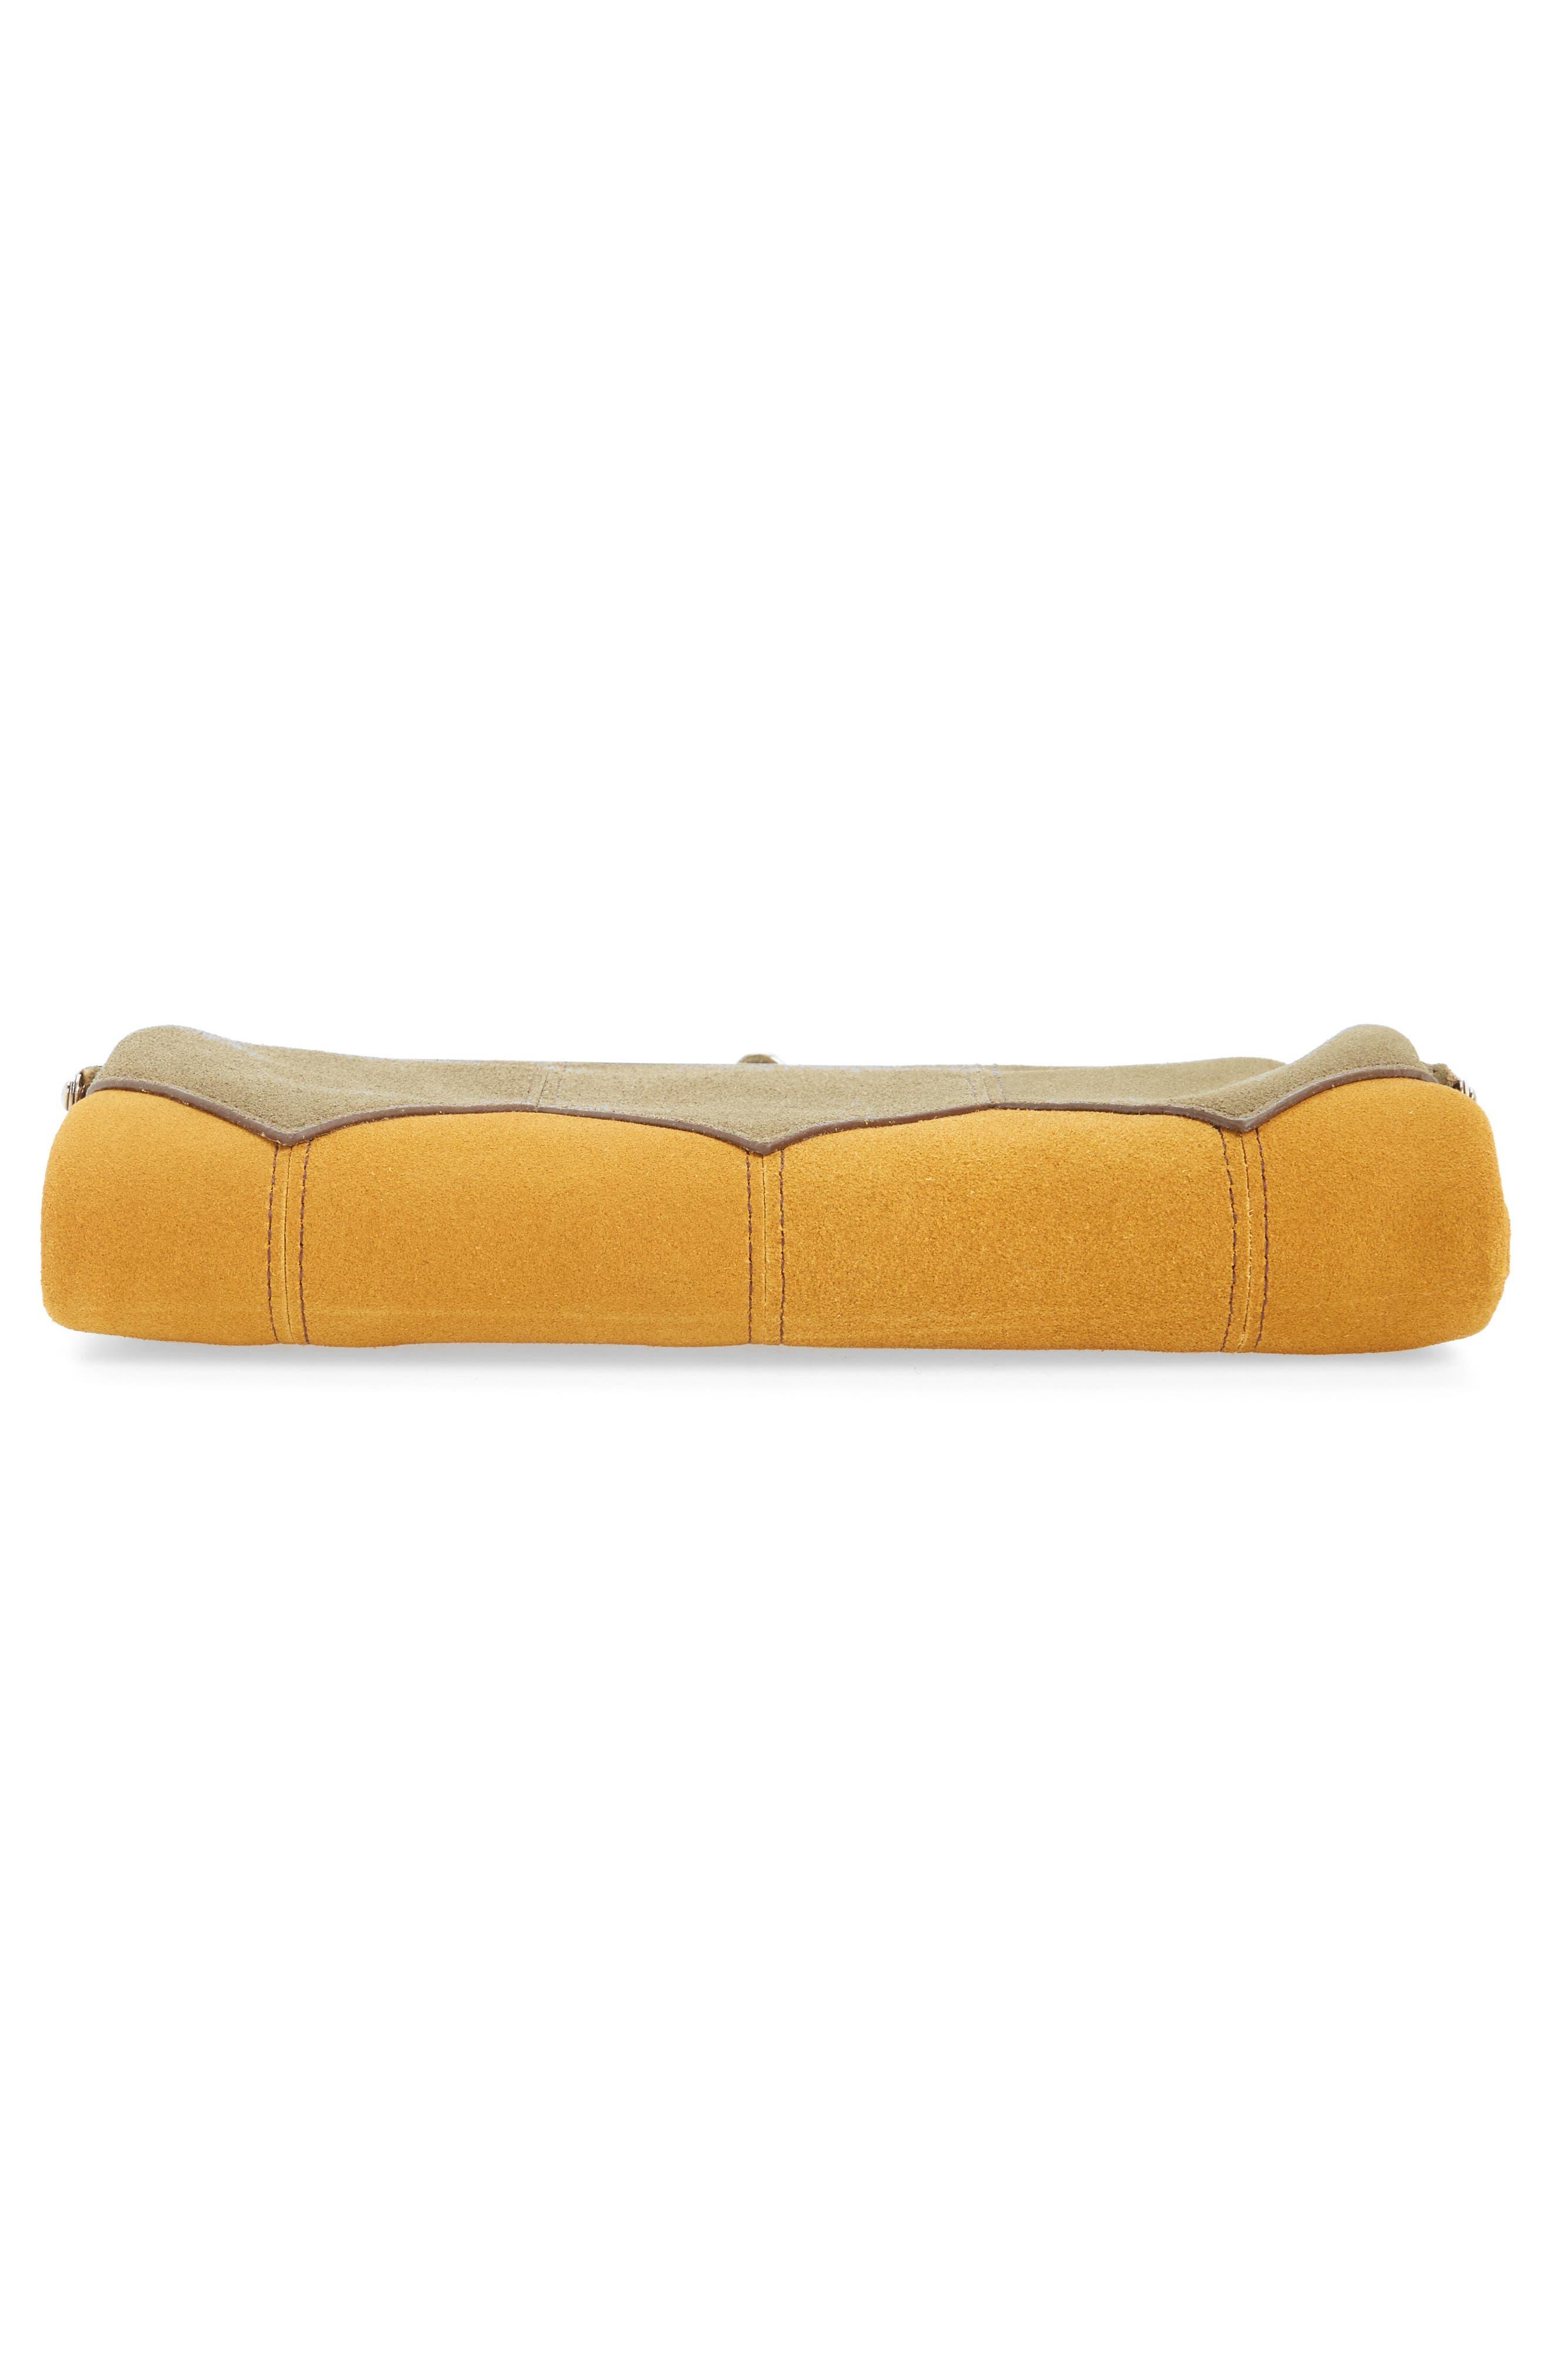 Alternate Image 5  - Hobo Lauren Colorblock Calfskin Leather Wallet